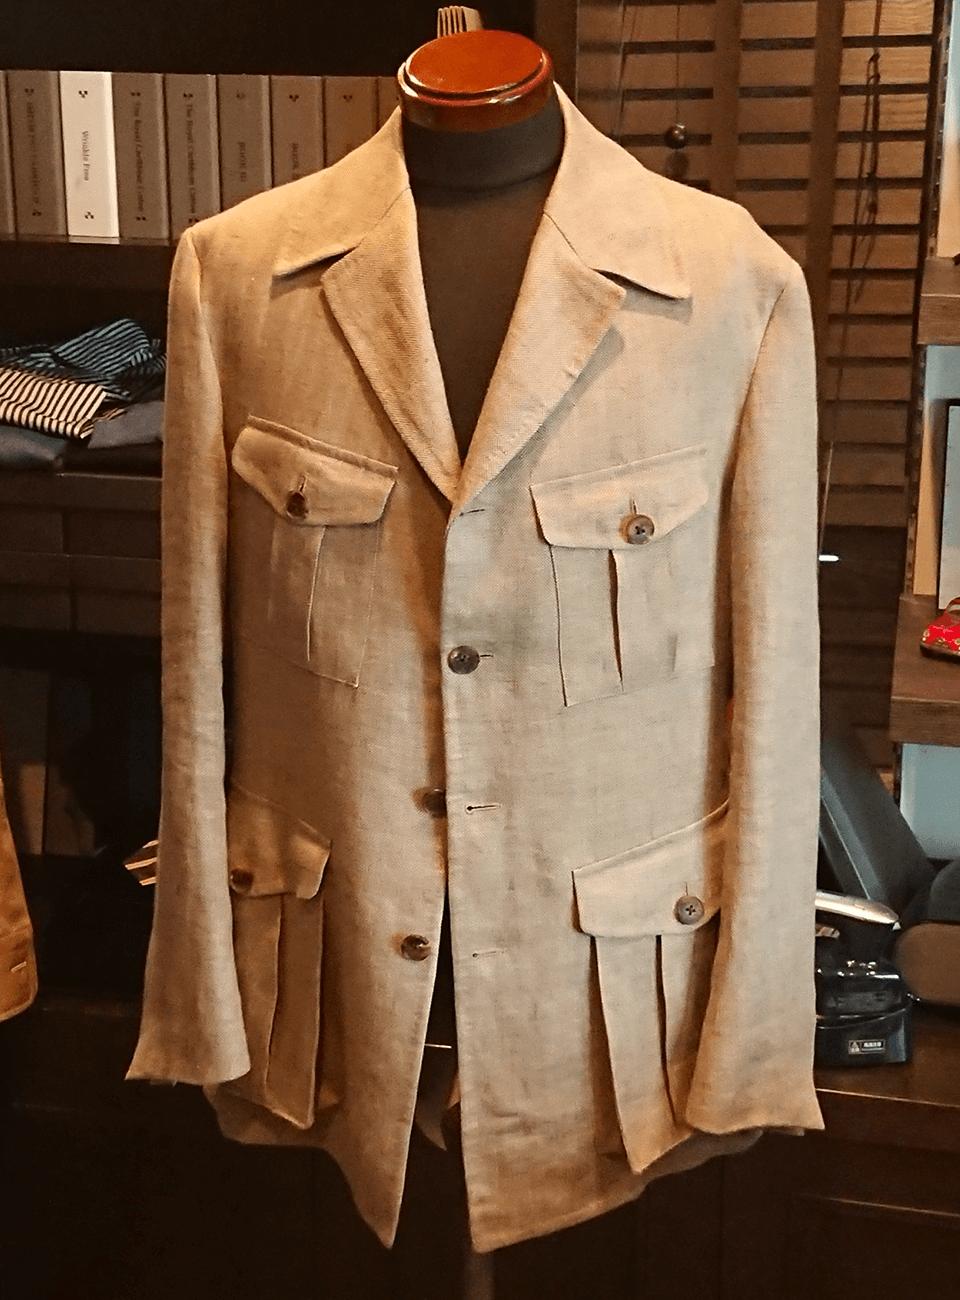 喜久蔵久米洋服店のオーダースーツ